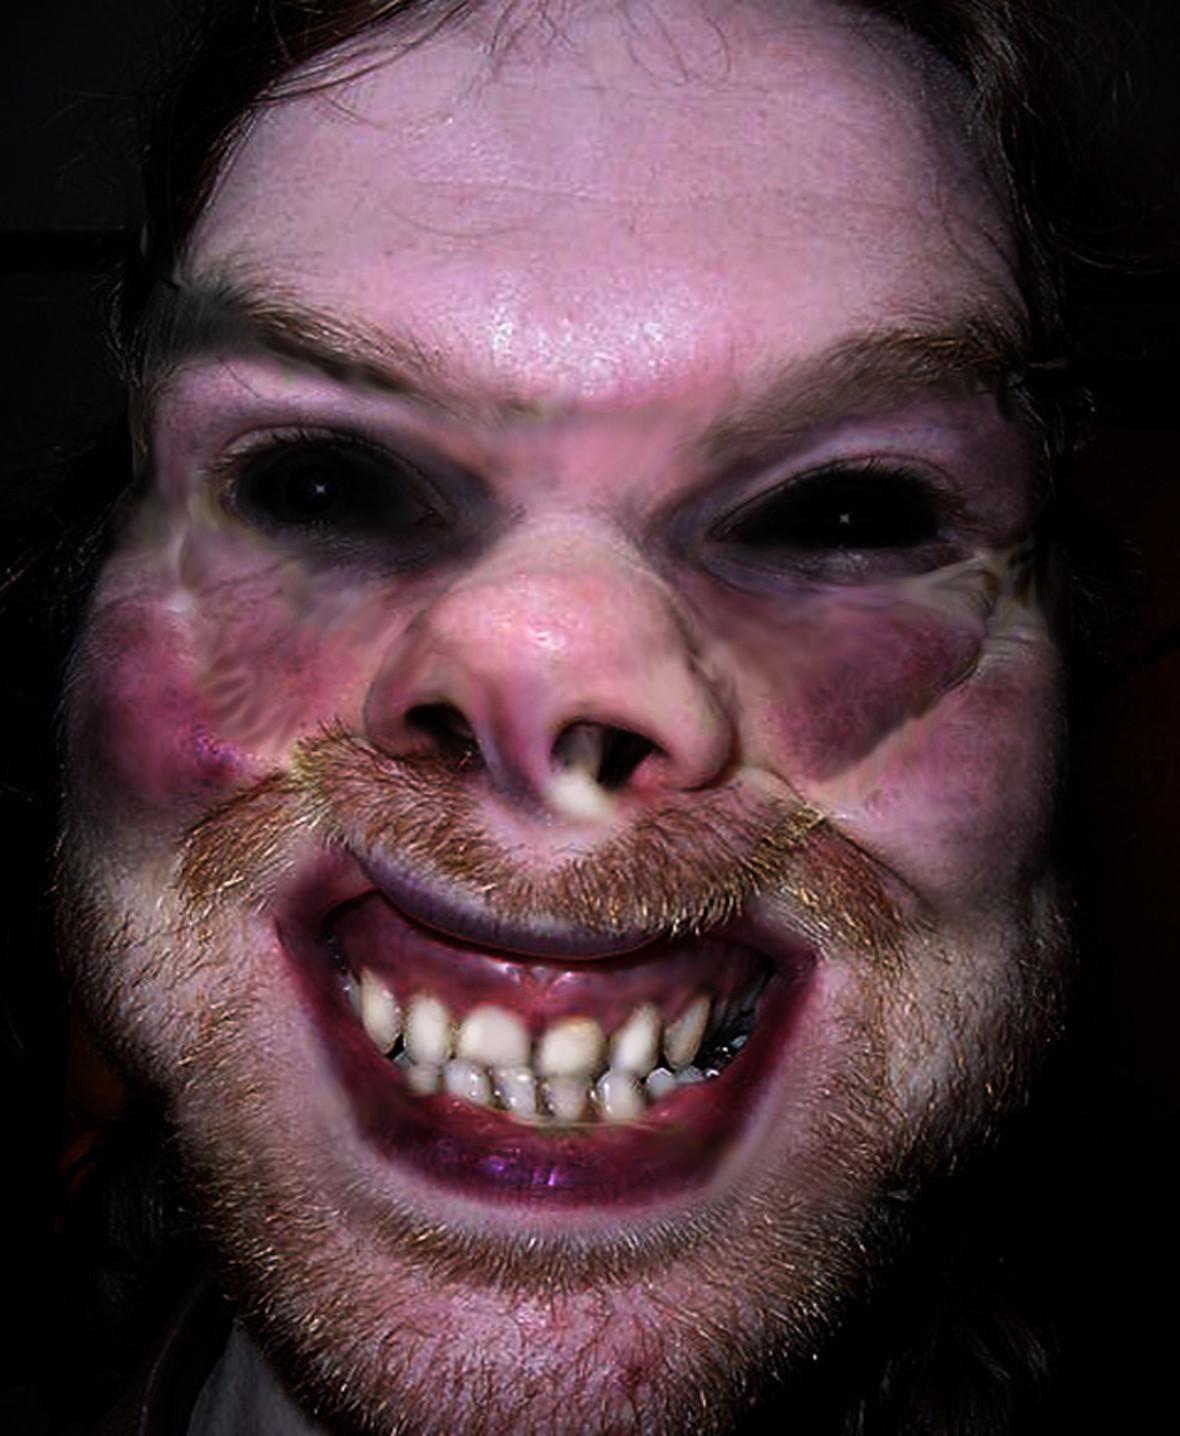 110 nieznanych utworów Aphex Twin w sieci?